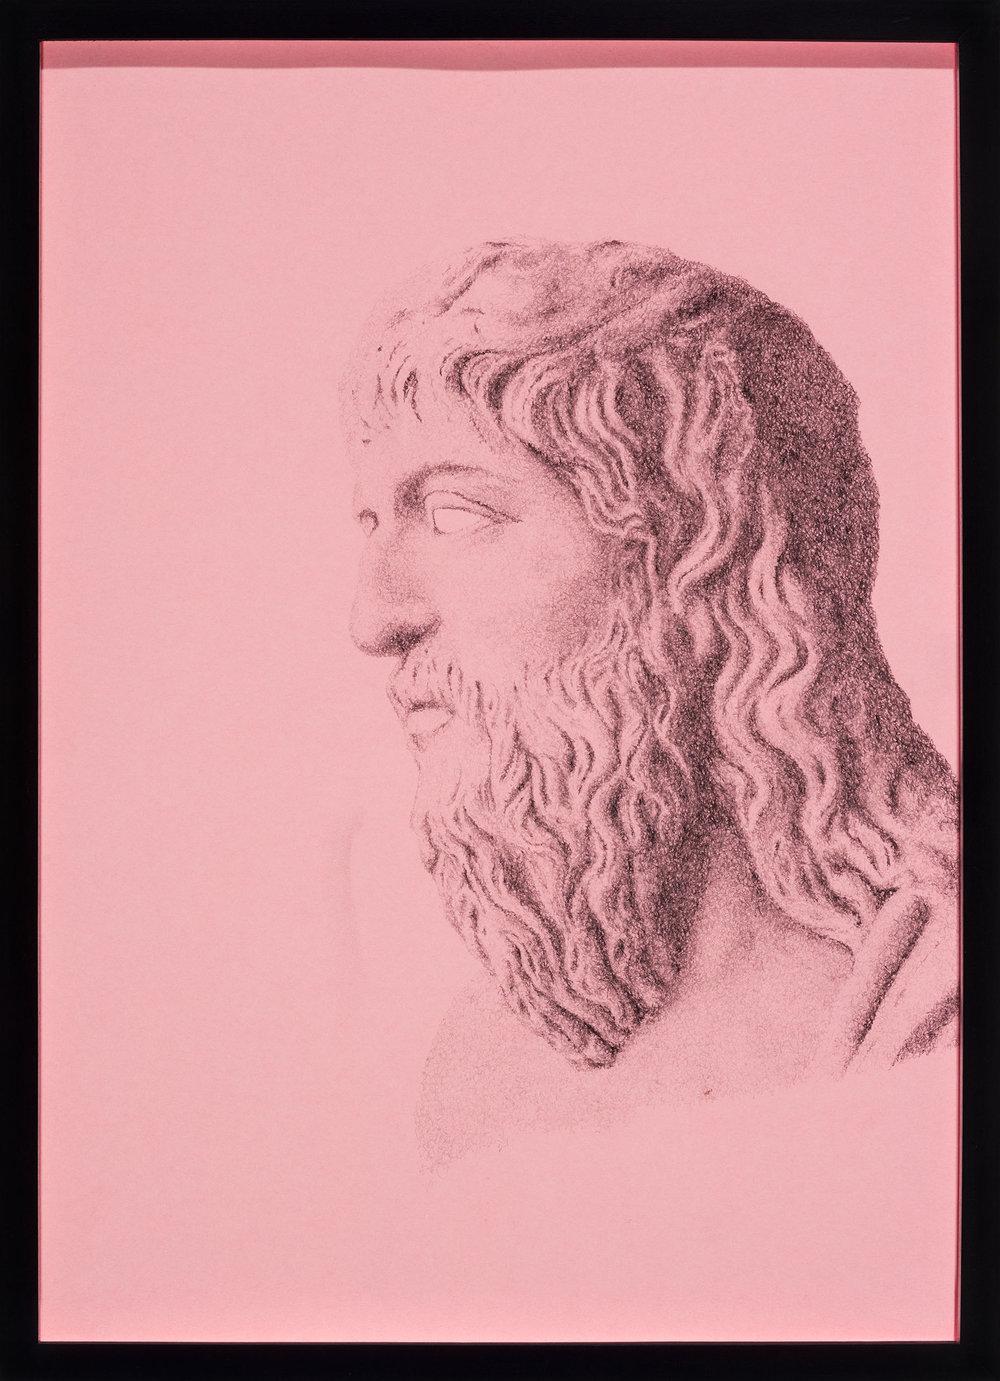 Abtragen oder hinzufügen (von vorne Heraklit von Ephesos)    Abtragen oder hinzufügen (von der Seite Heraklit von Ephesos)   2 part work, 2014,pencil on pink paper  each: 43,5 × 31,5 cm